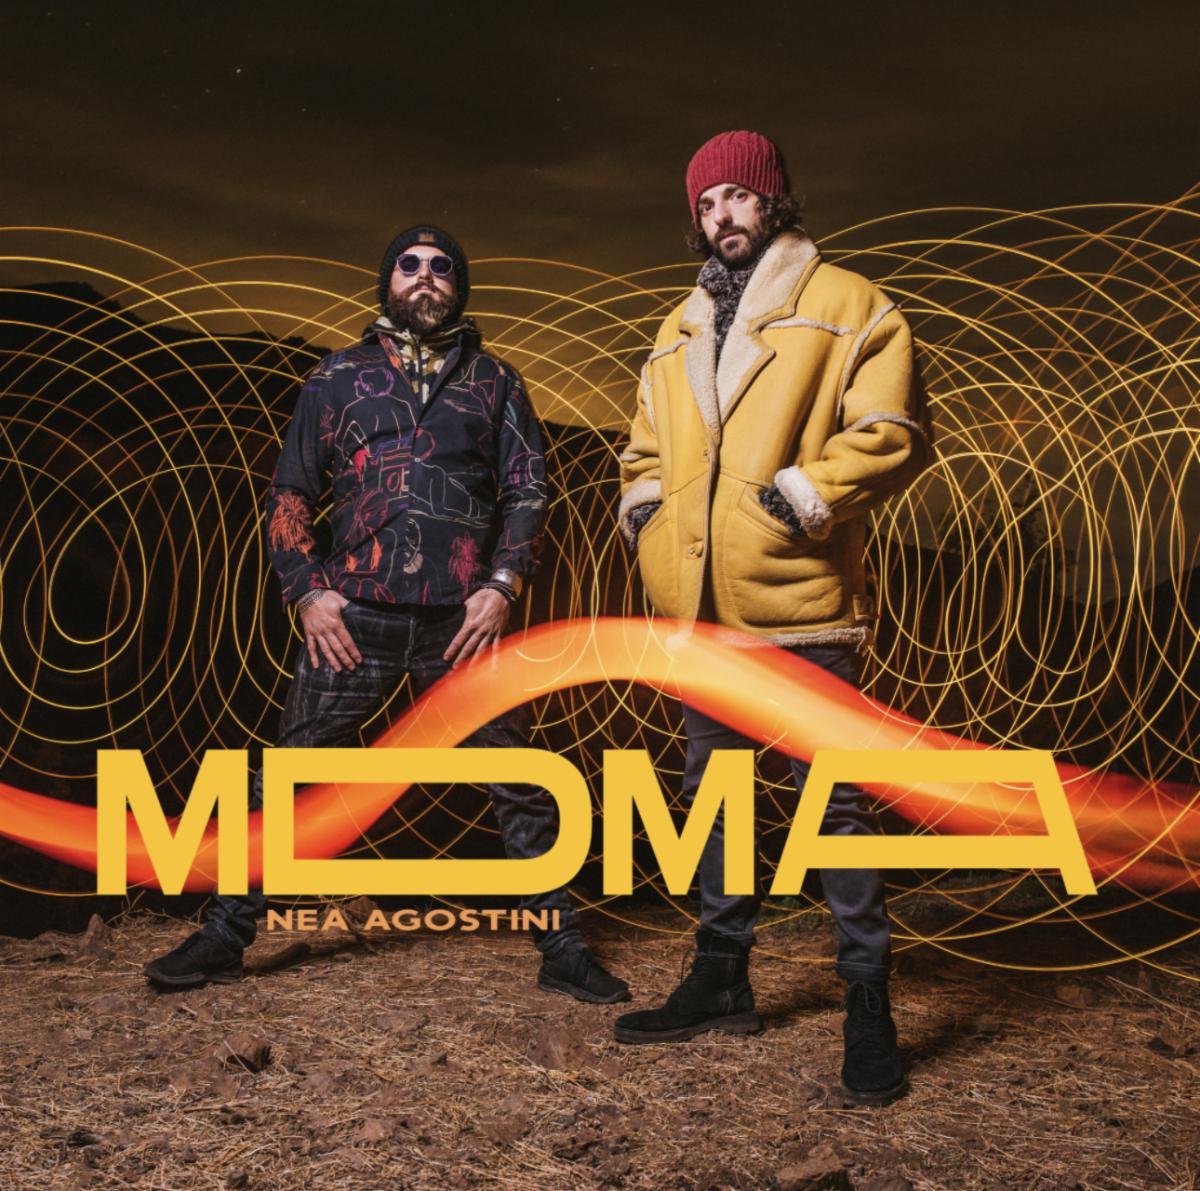 Nea Agostini regresa más fuerte que nunca con su nuevo sencillo MDMA